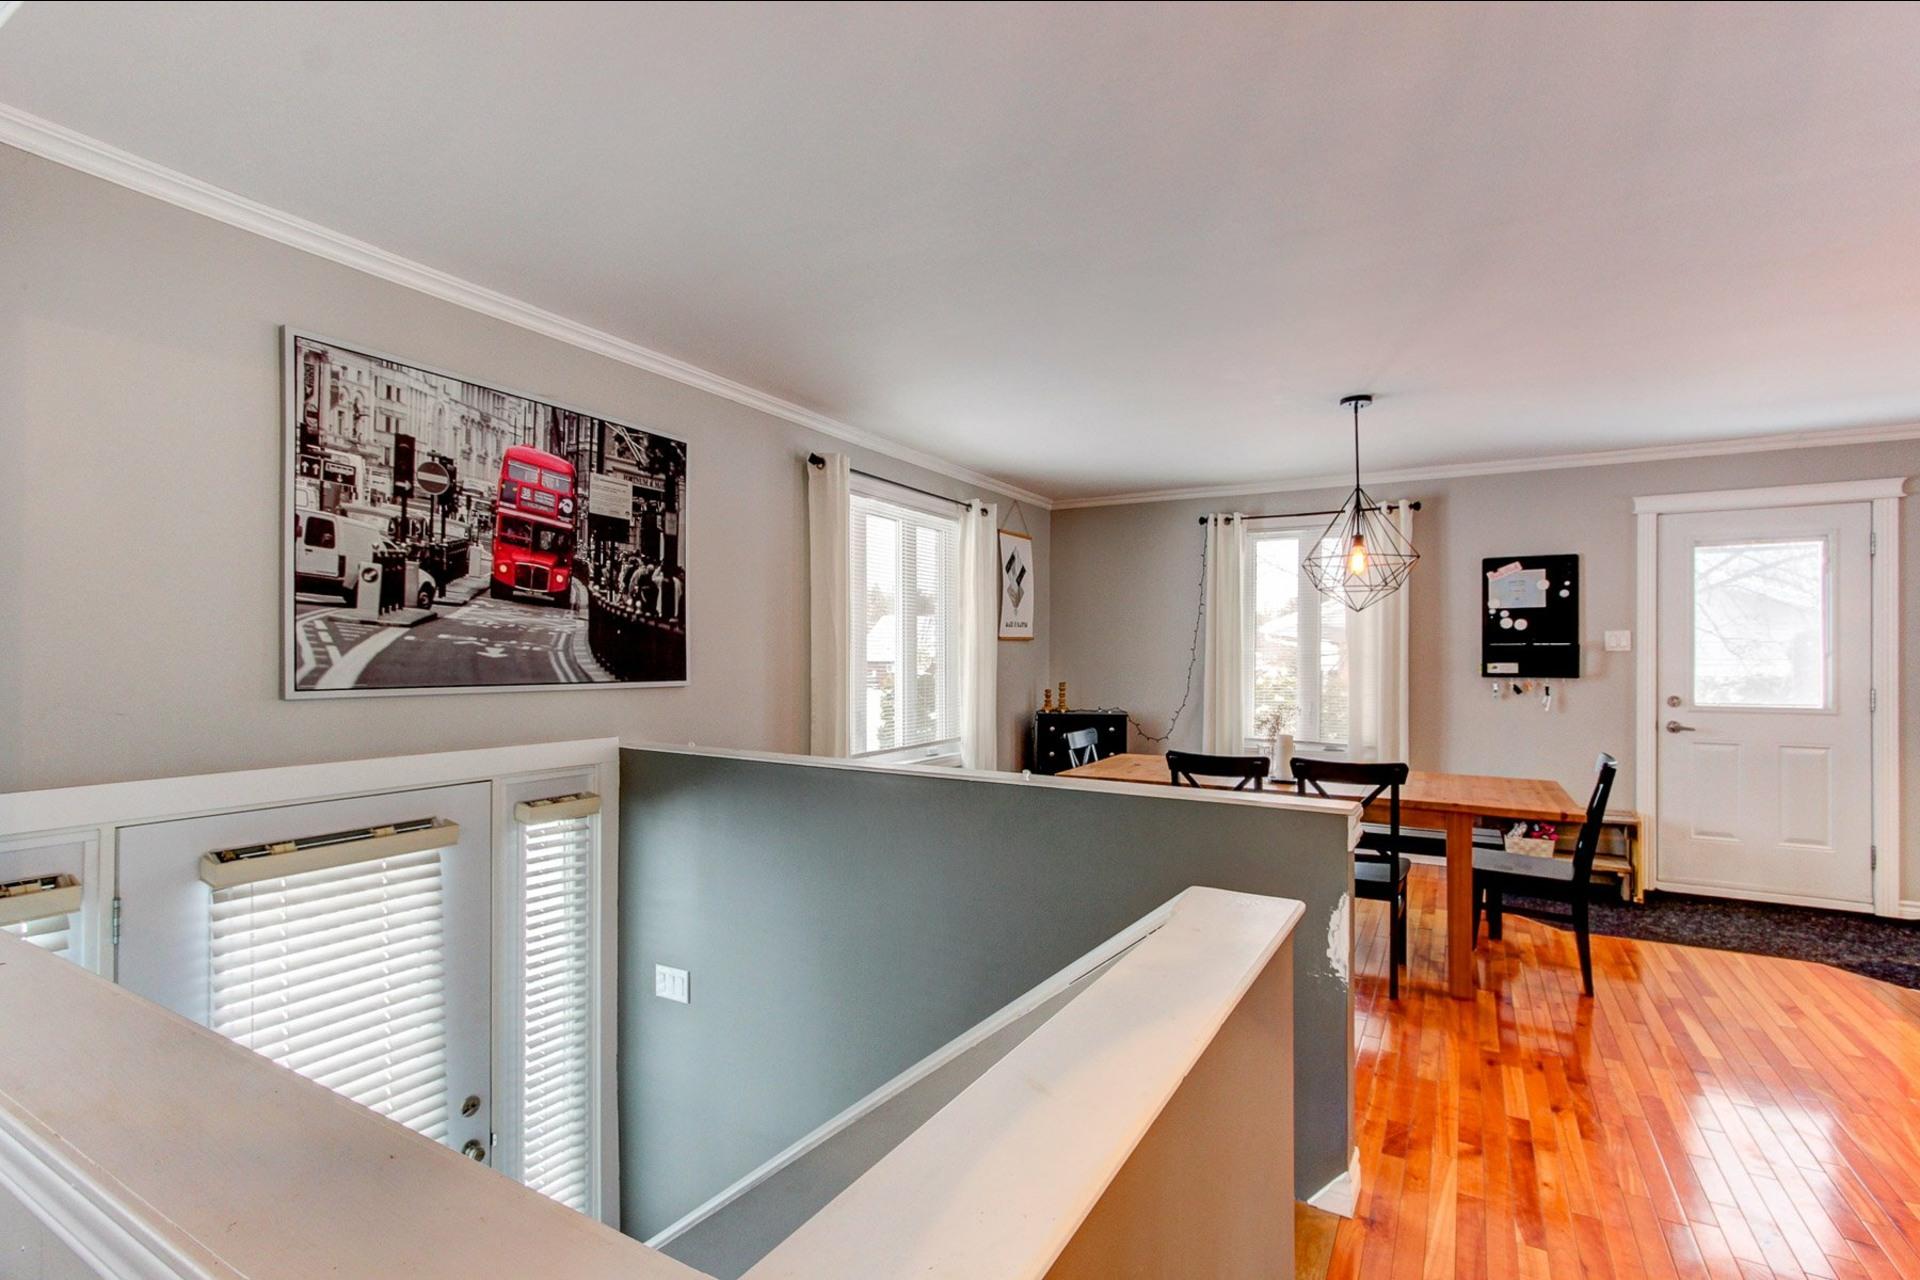 image 15 - Maison À vendre Trois-Rivières - 9 pièces